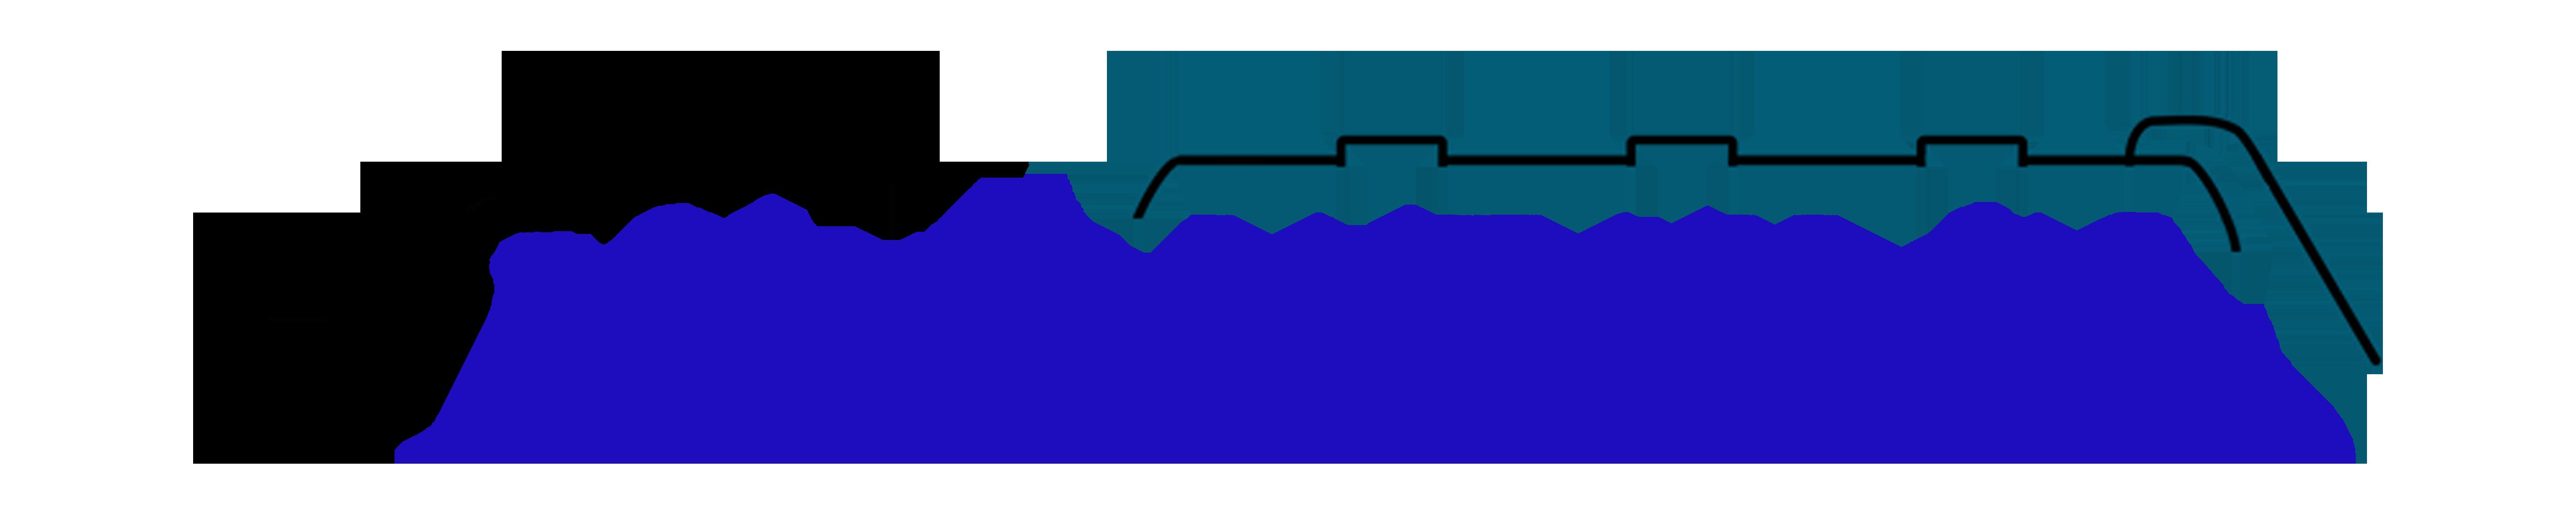 MAX MAHAN COMPANY, INC.